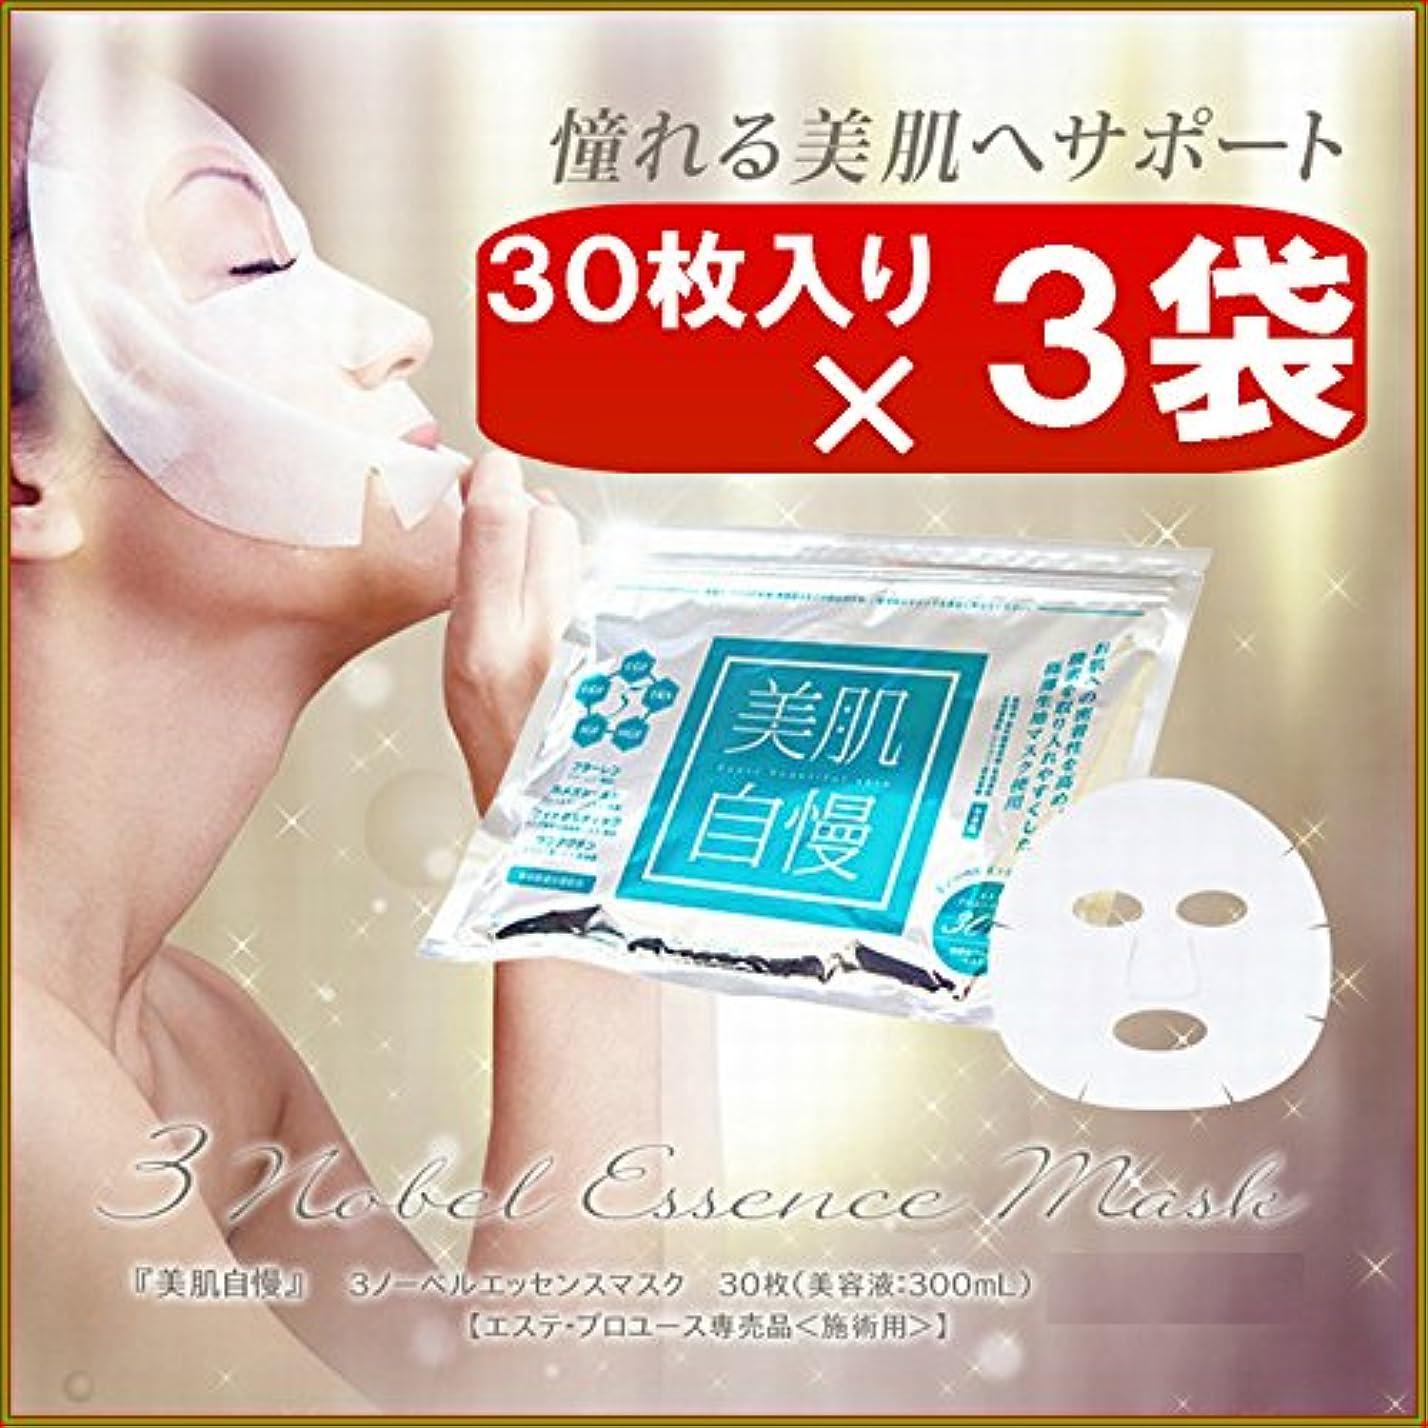 新しさ識別球体美肌自慢フェイスマスク 30枚入り ×お得3袋セット 《エッセンスマスク、EGF、IGF、ヒアルロン酸、プラセンタ、アルブチン、カタツムリエキス、しみ、しわ》